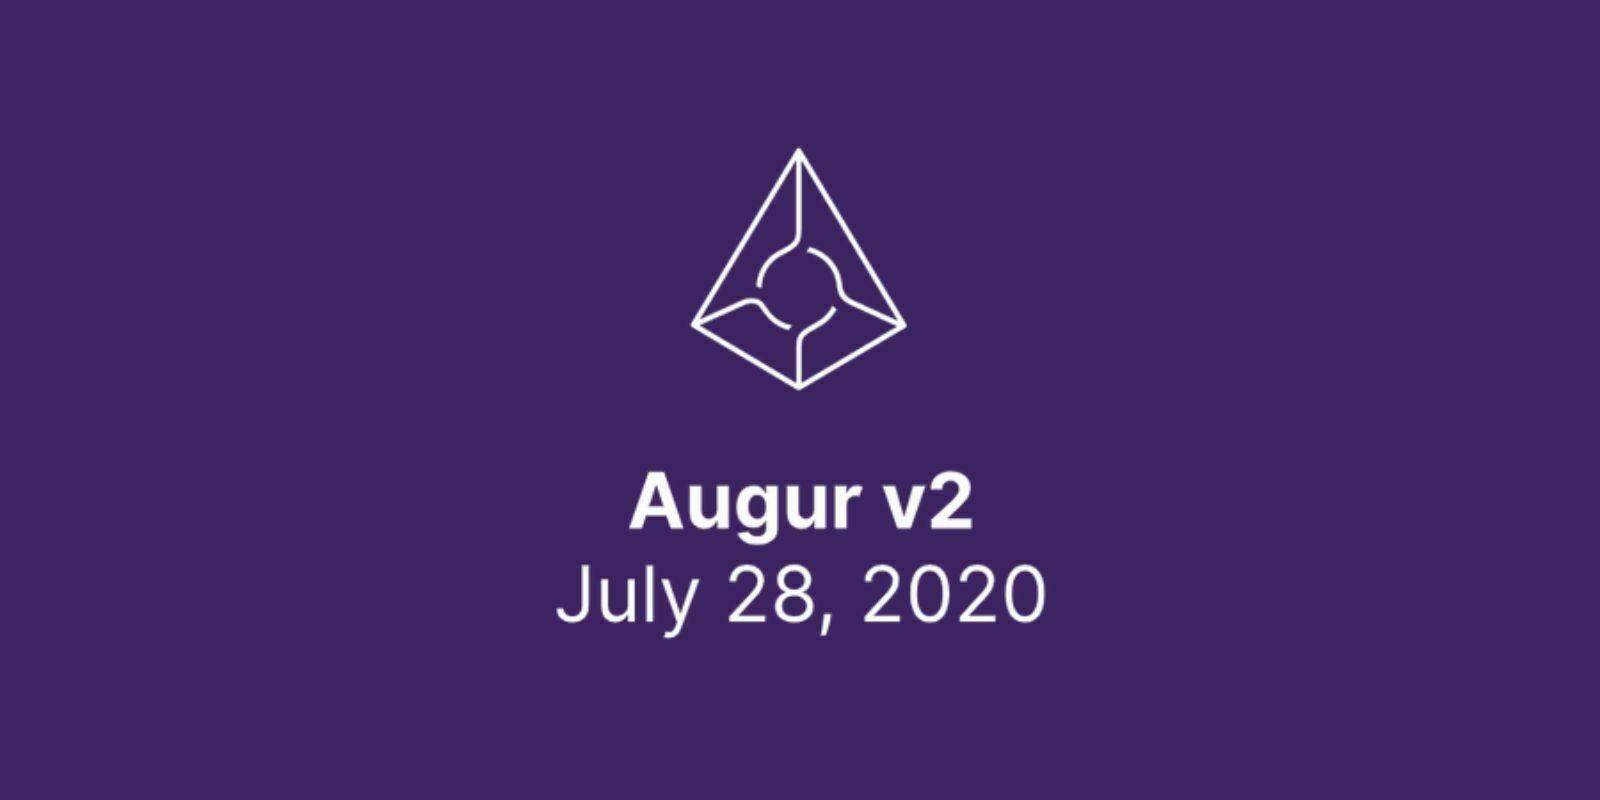 Augur (REP) déploiera une nouvelle version de son protocole le 28 juillet